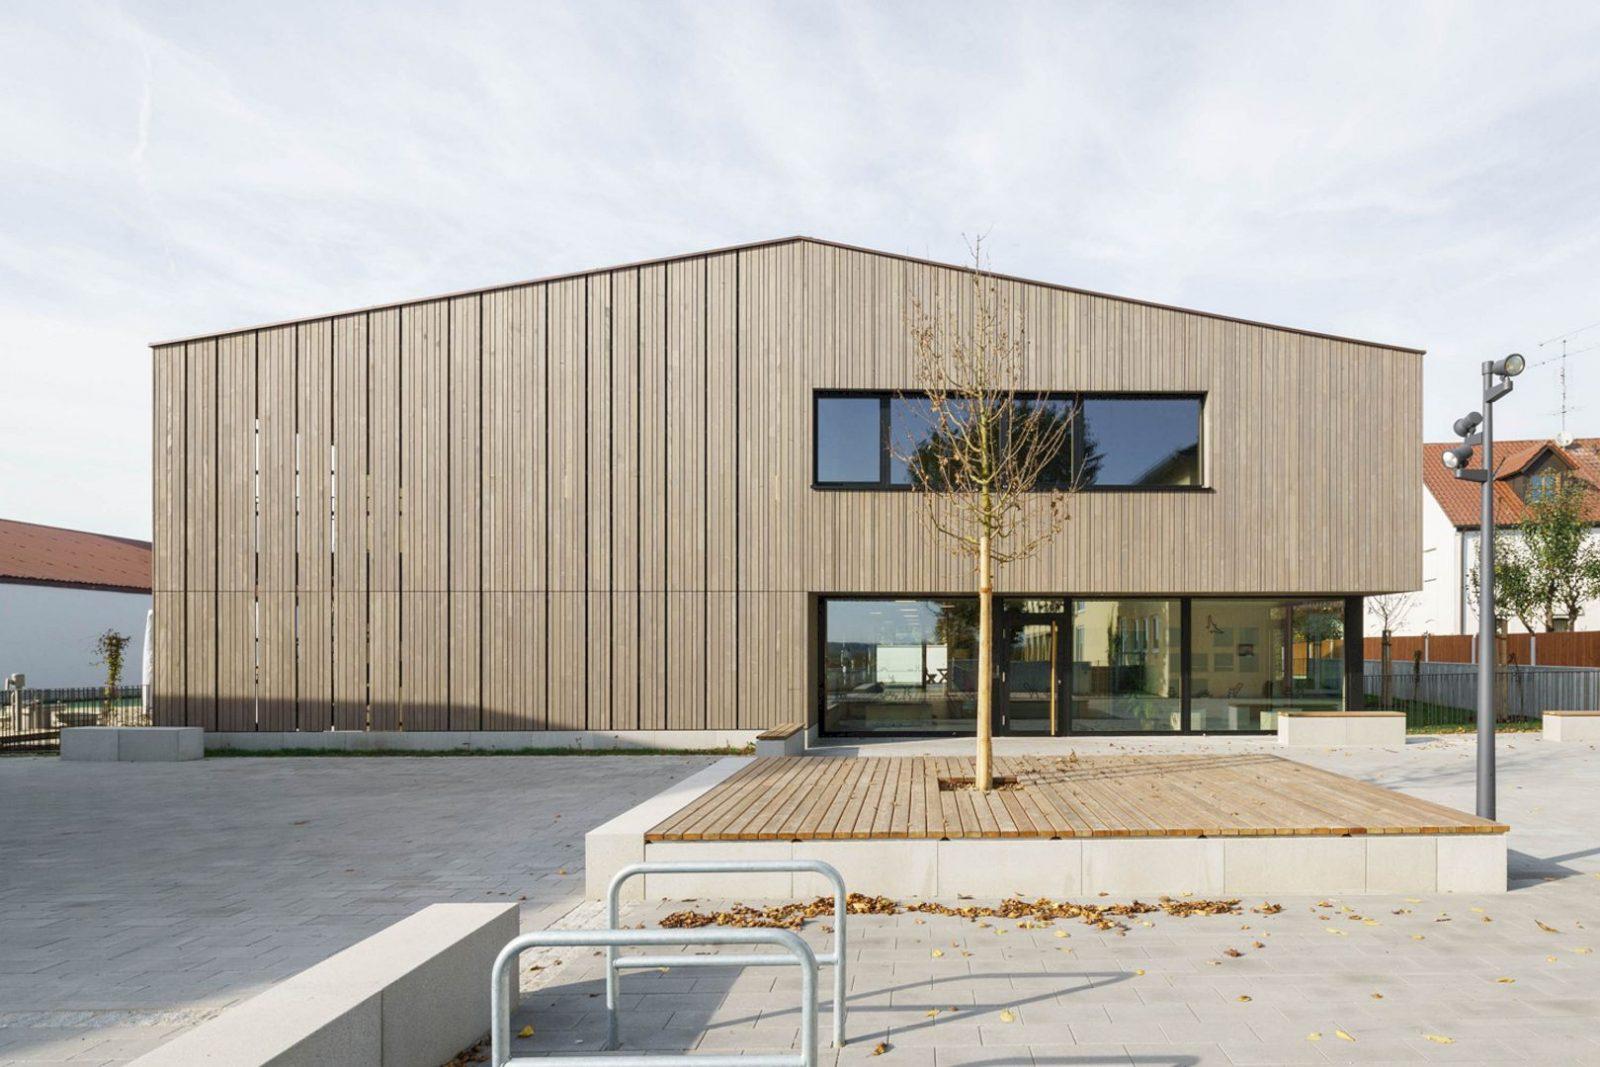 House For Children By Goldbrunner Architektur 5